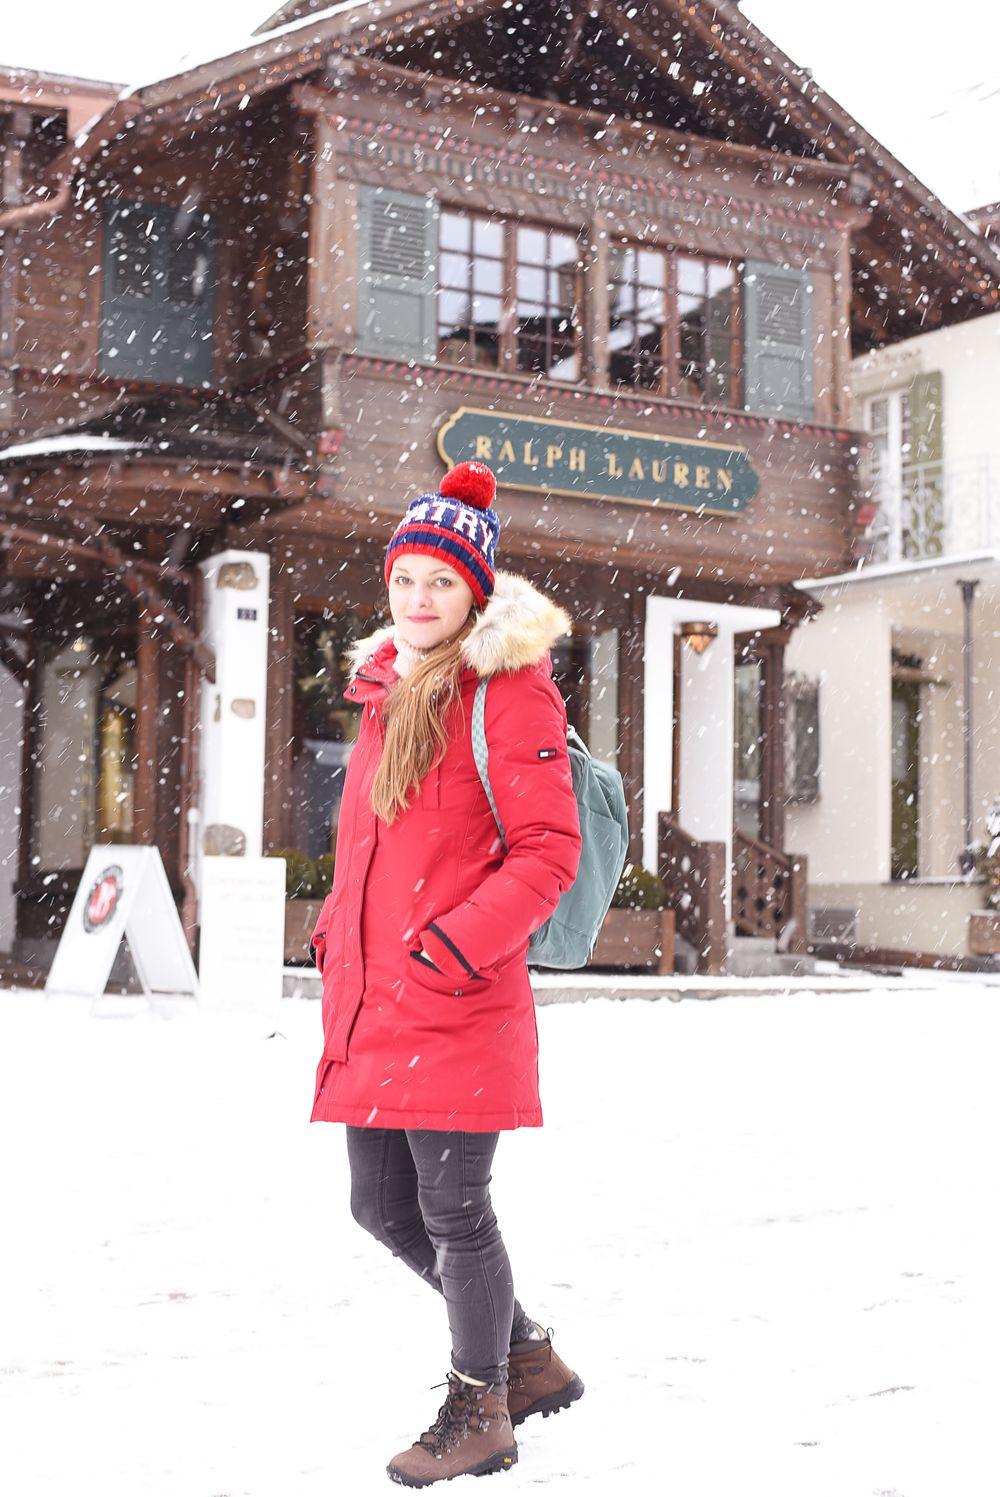 Gstaad - sklepy Ralph Lauren